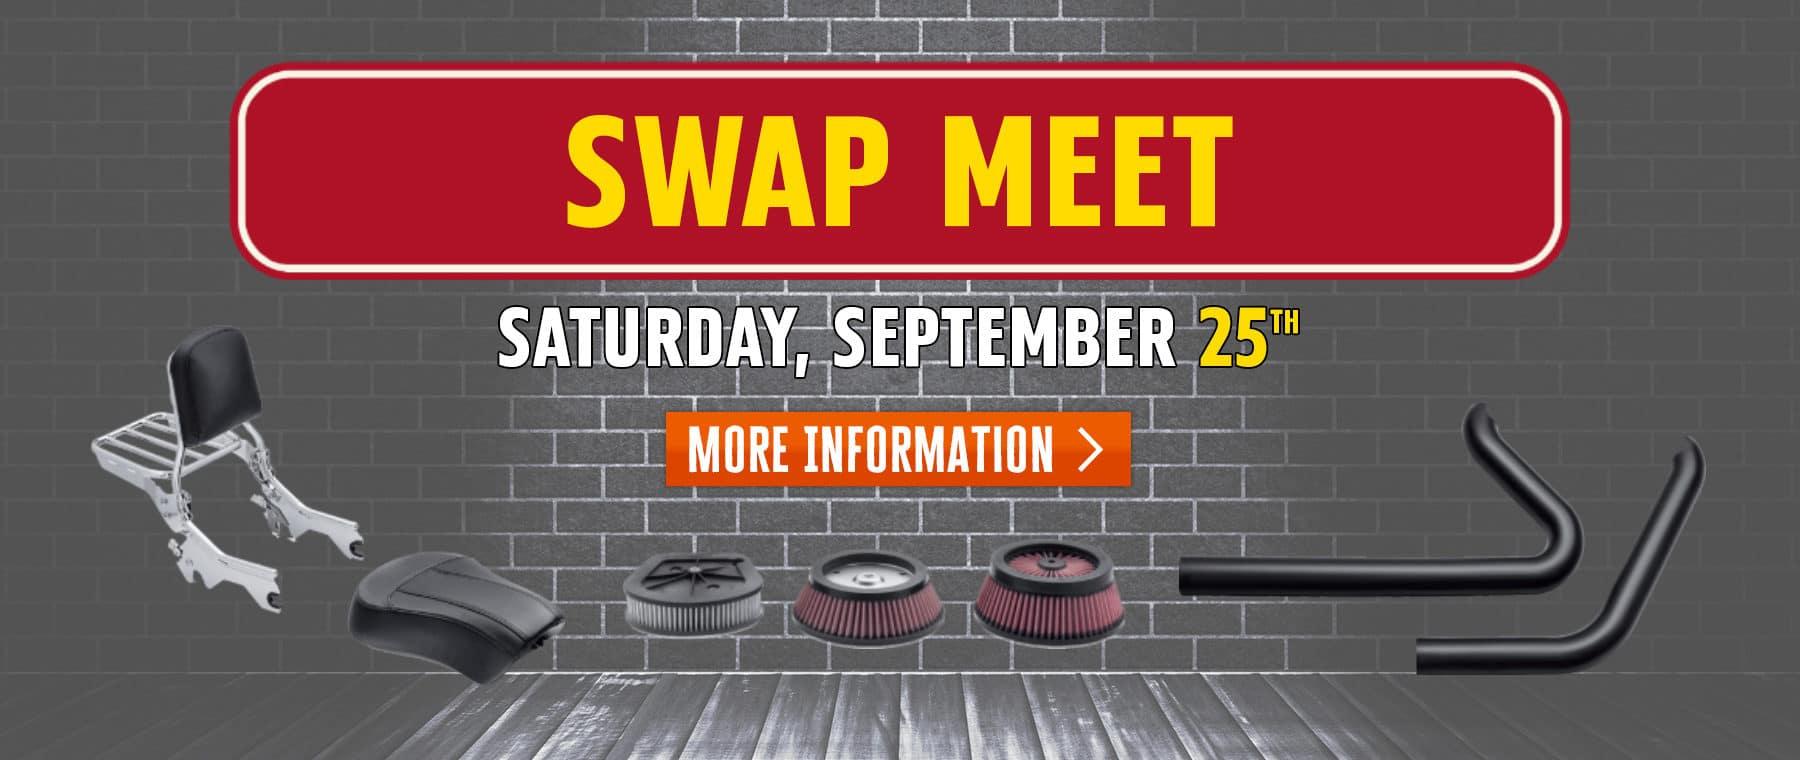 Swap Meet – Web Banner 2021